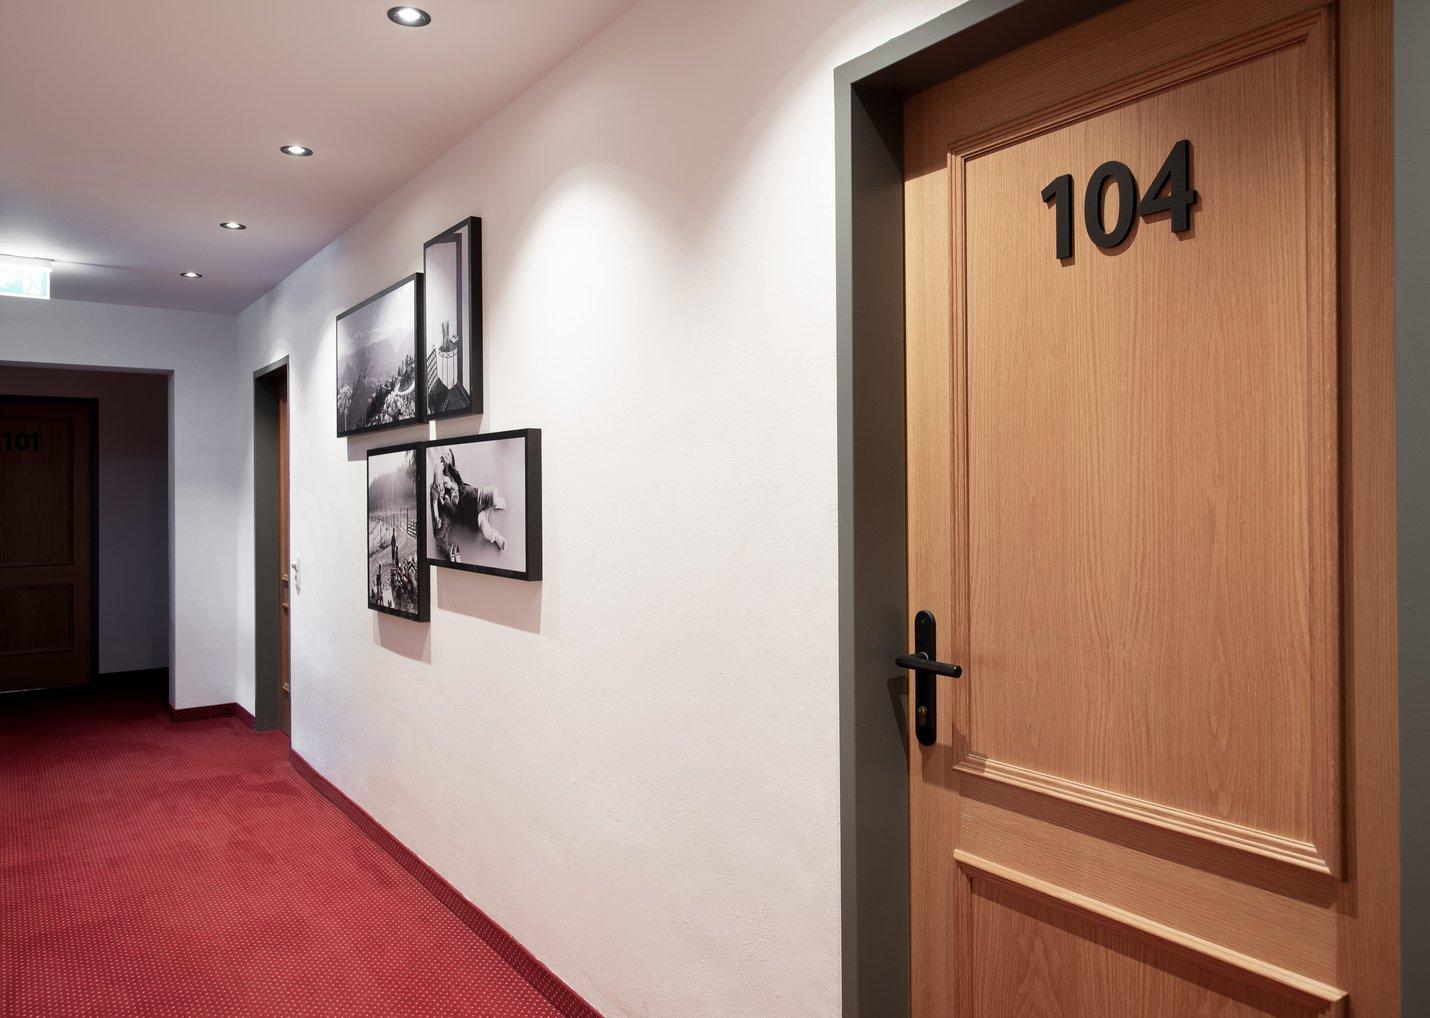 Anfrage Urlaub Harmls Österreich Zimmer buchen Urlaub Flachau Familienhotel Salzburg